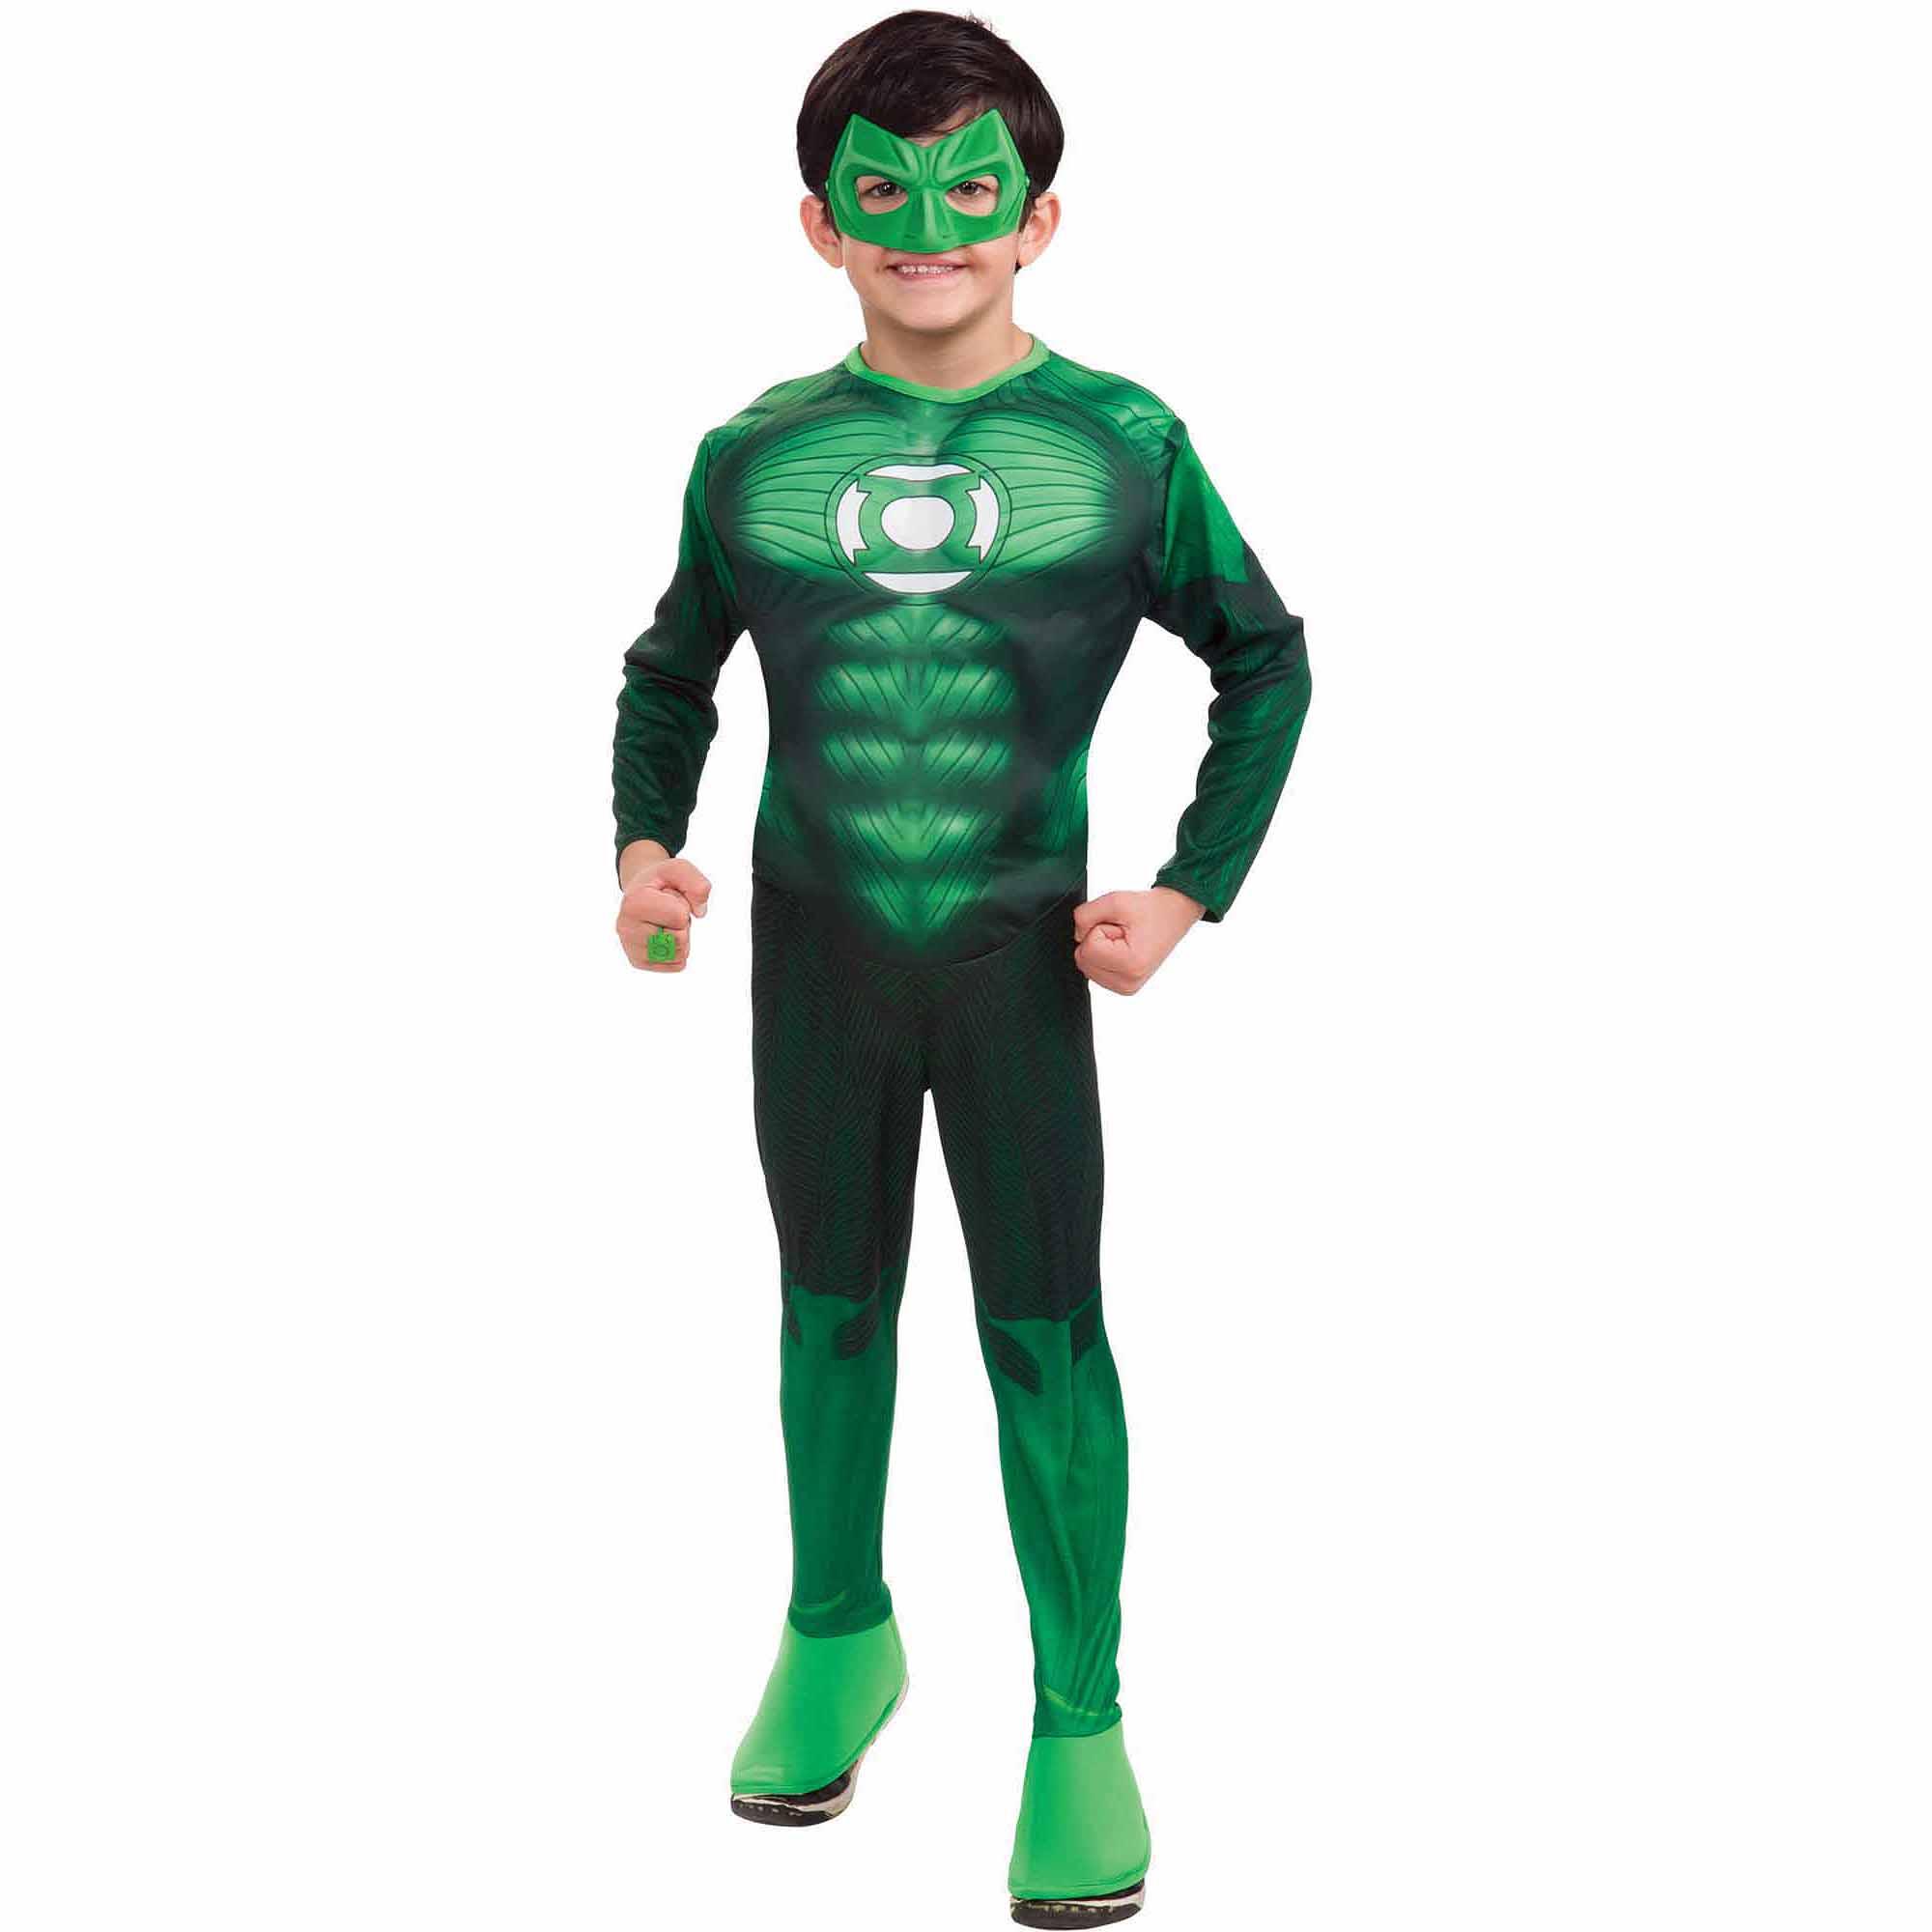 Hal Jordan Deluxe Muscle Child Halloween Costume